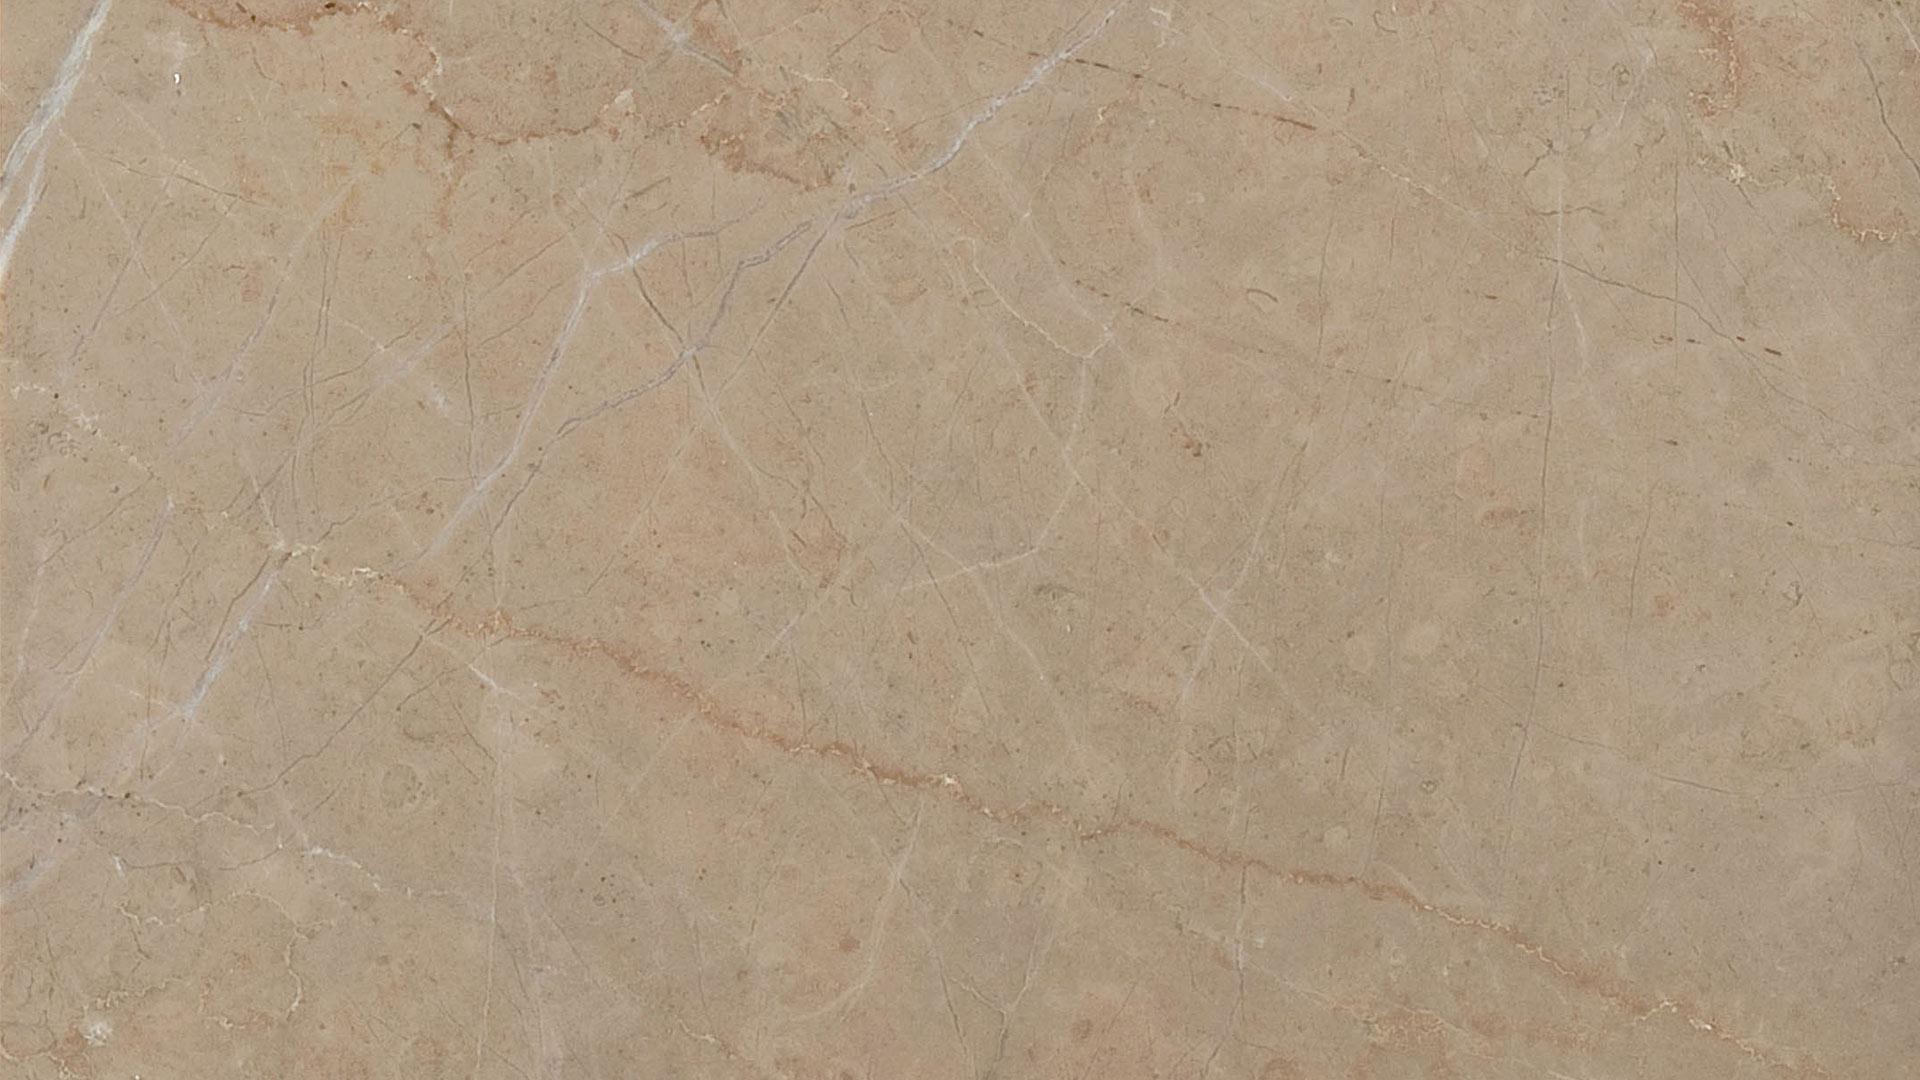 Creme Elysee beige marble